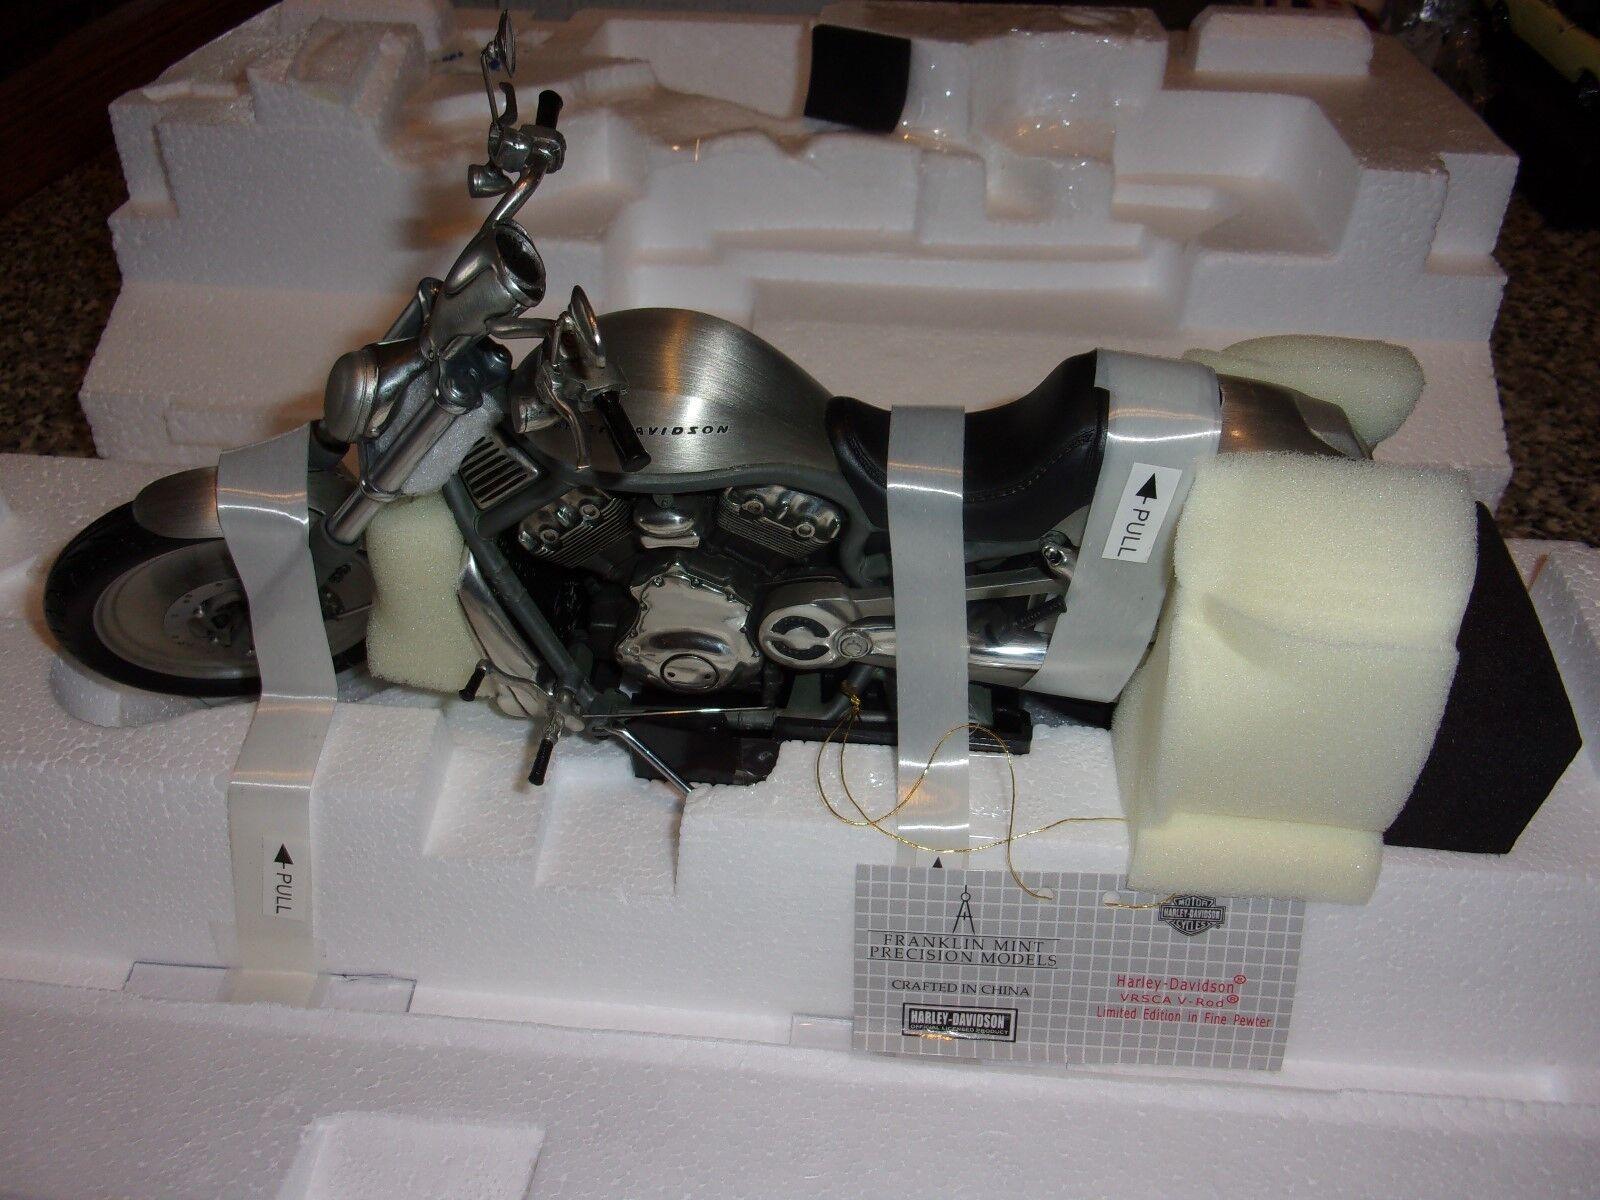 2002 Harley Davidson VRSCA V-Rod - PEWTER  - Franklin Mint